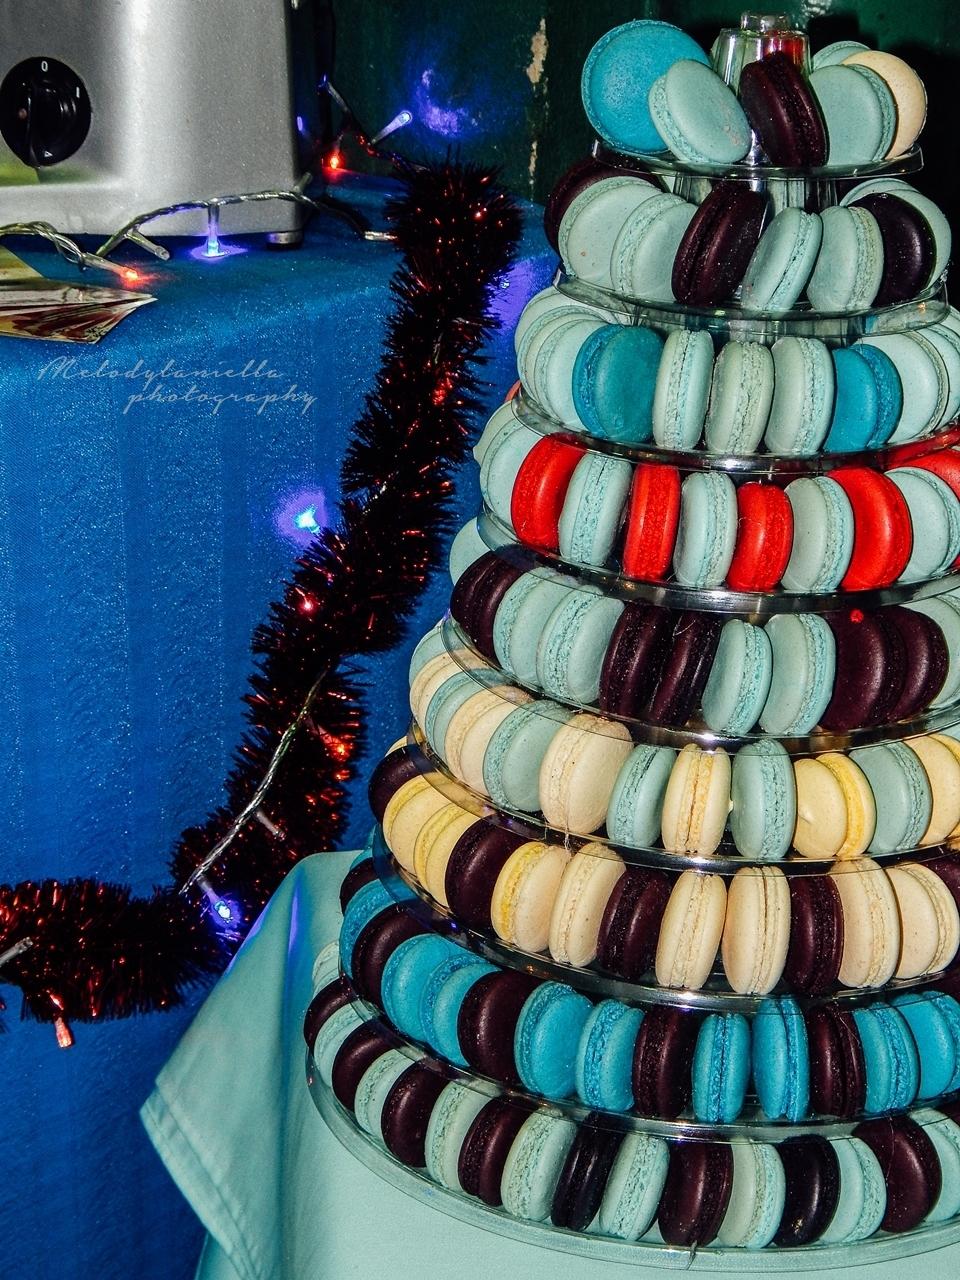 sucre święta Bożego Narodzenia słodkości ciasteczka francuskie makaroniki